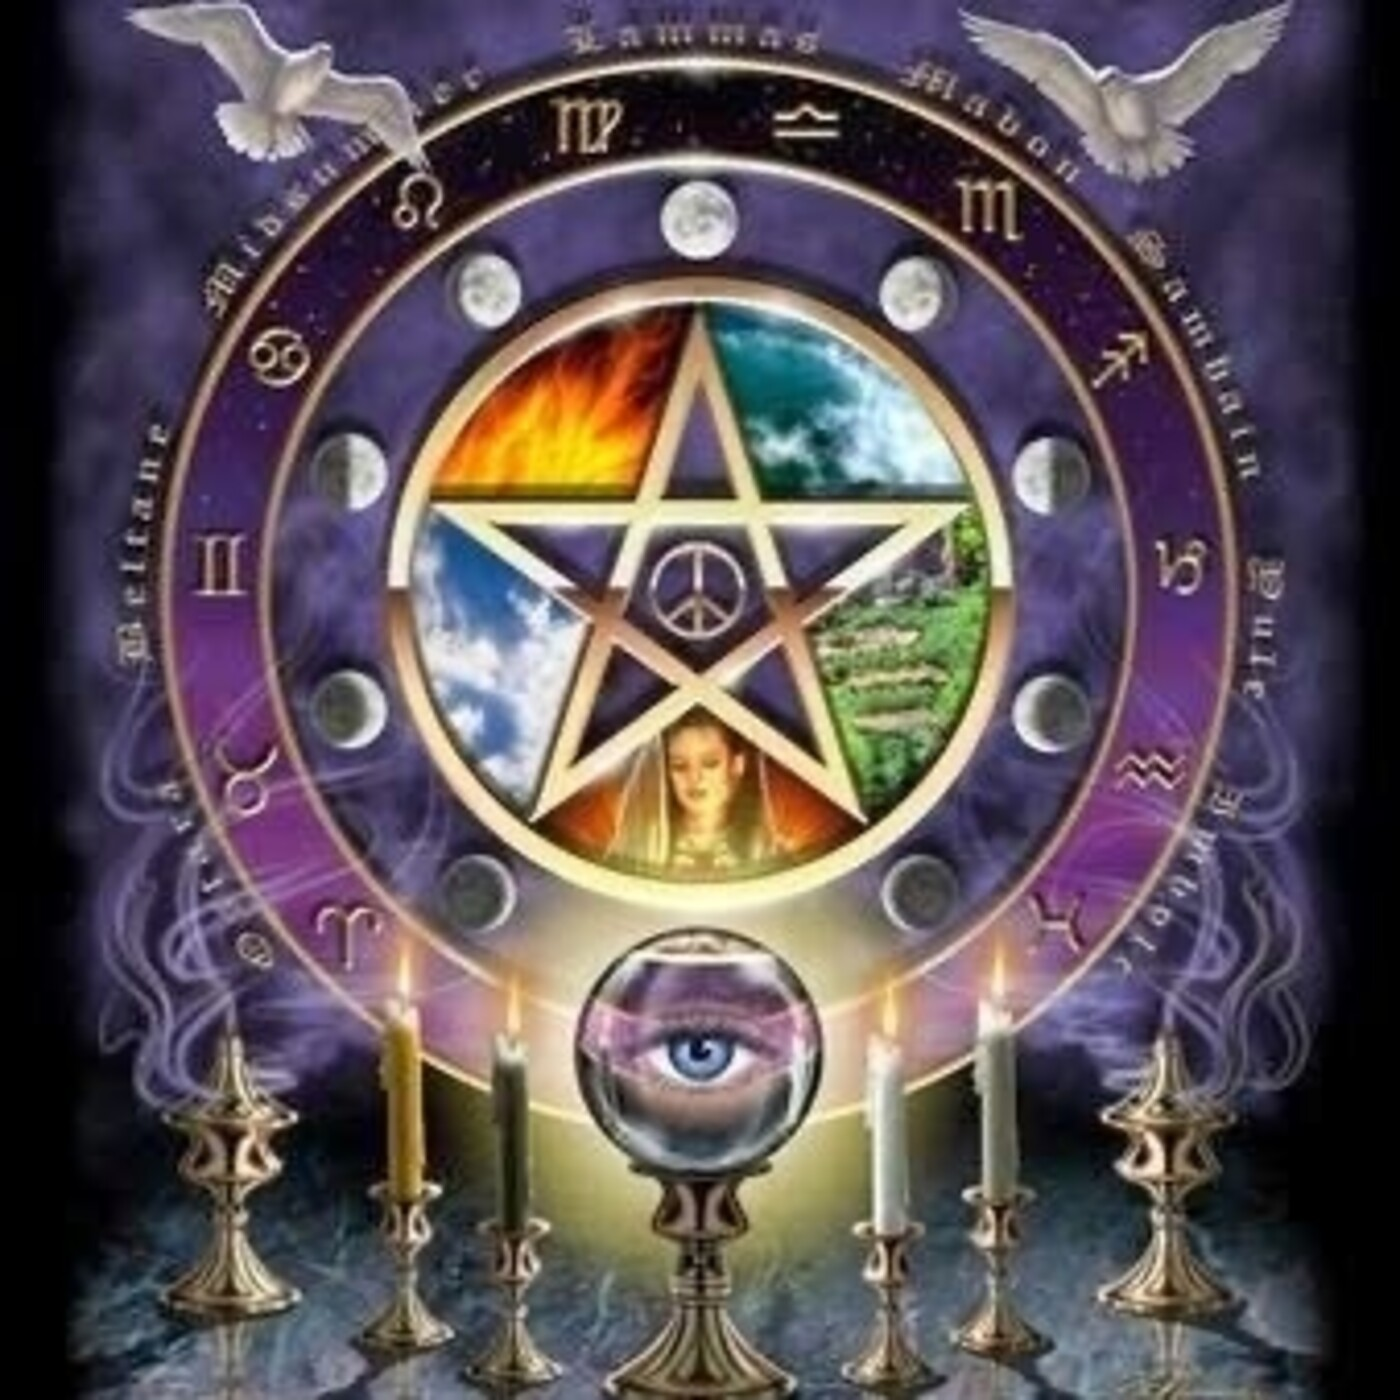 Sobre el esoterismo y cuestiones espirituales